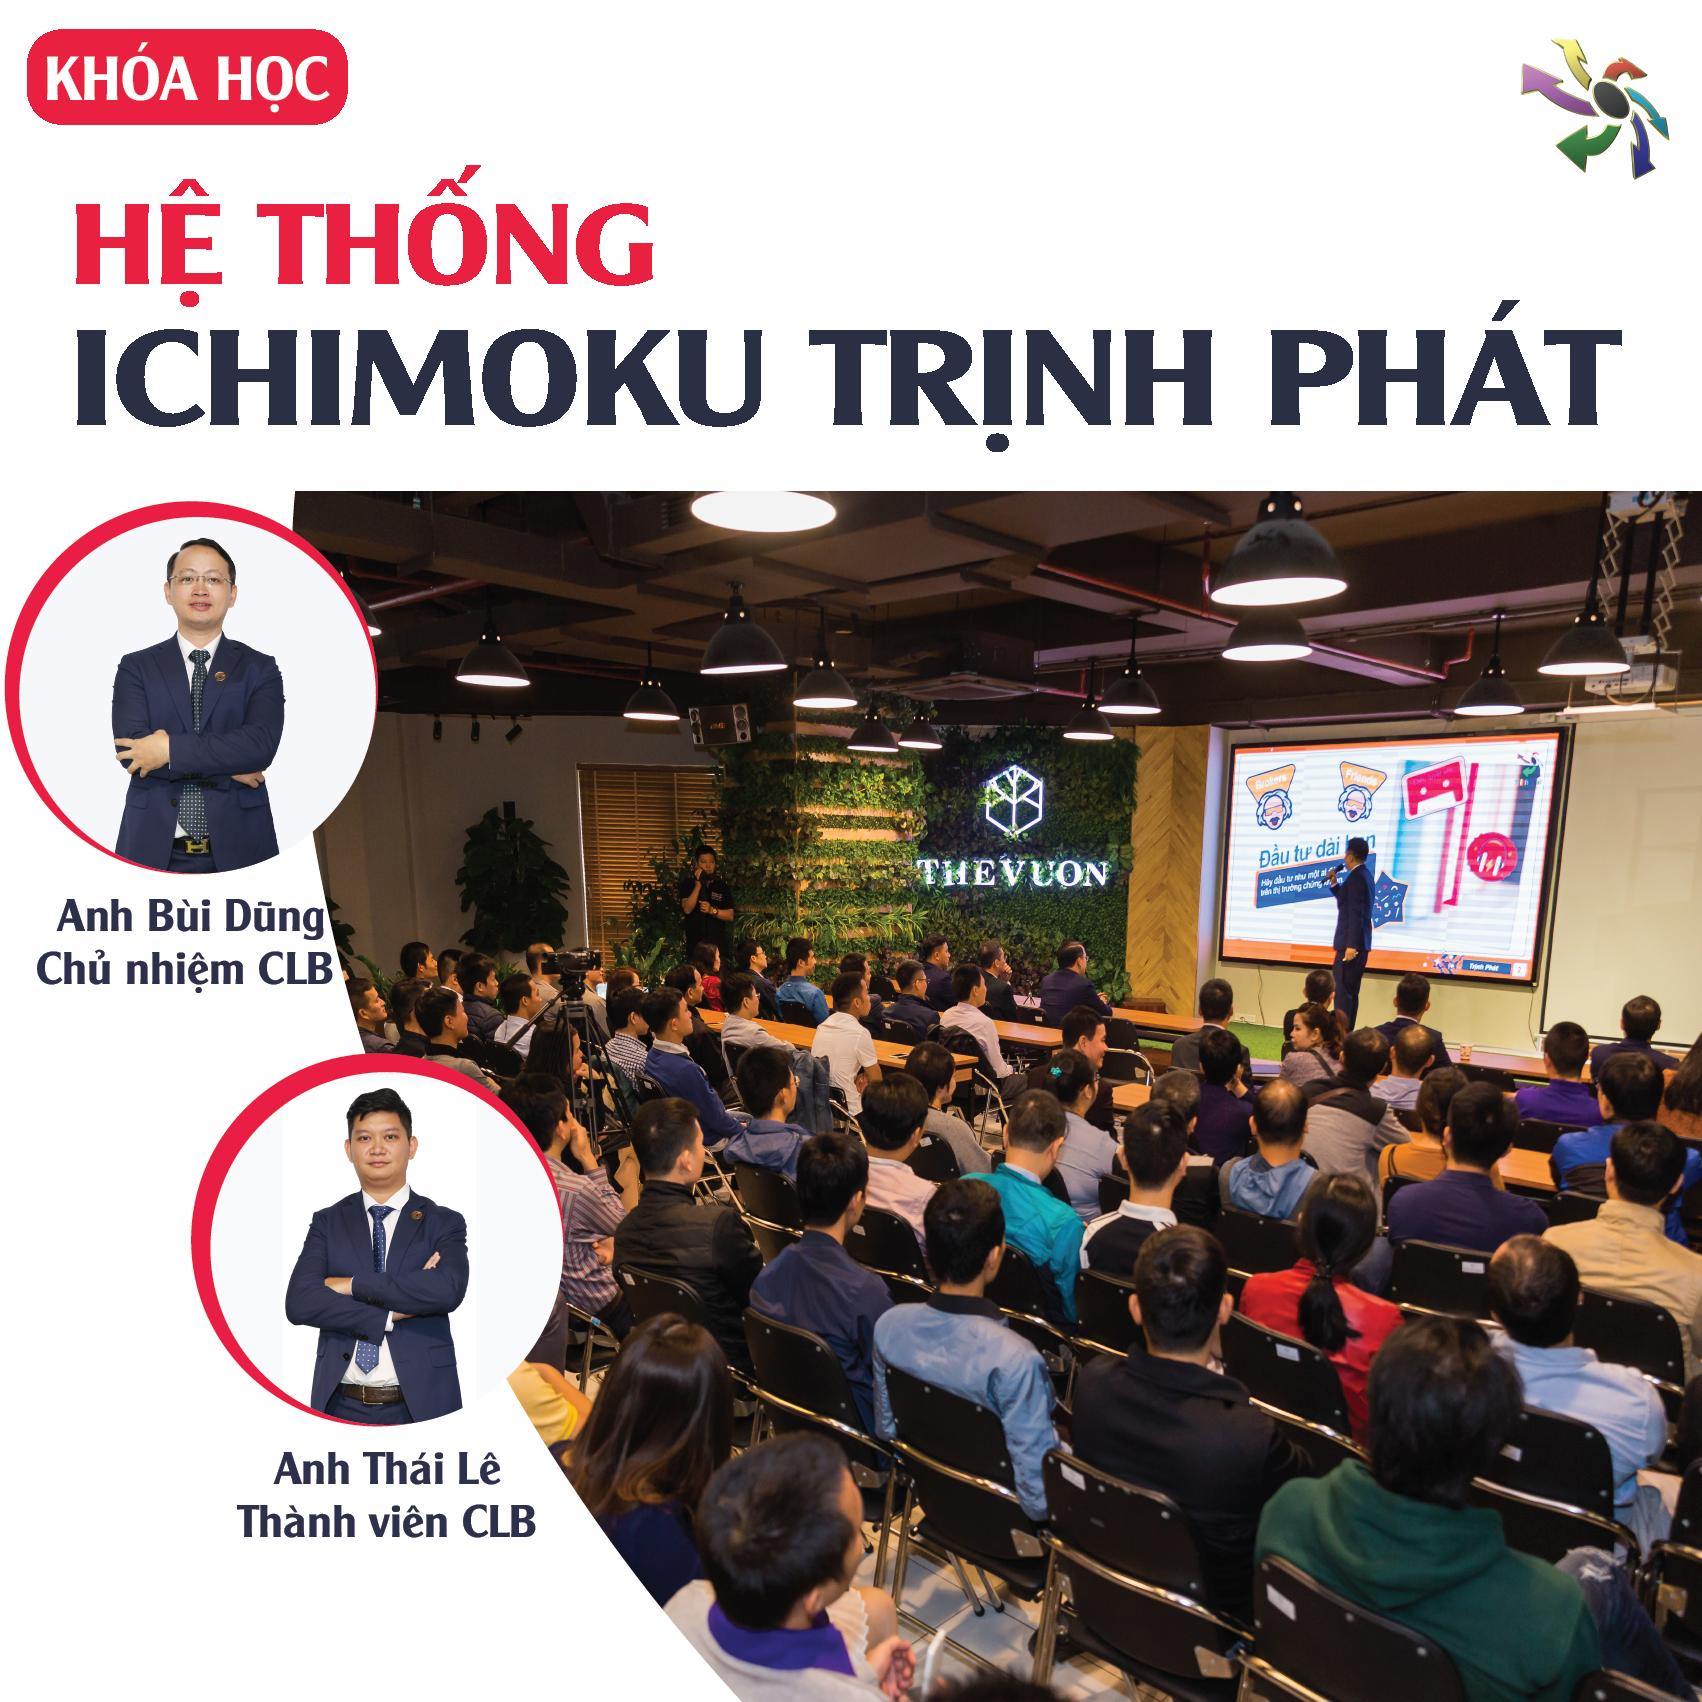 Khóa học Hệ thống Ichimoku Trịnh Phát